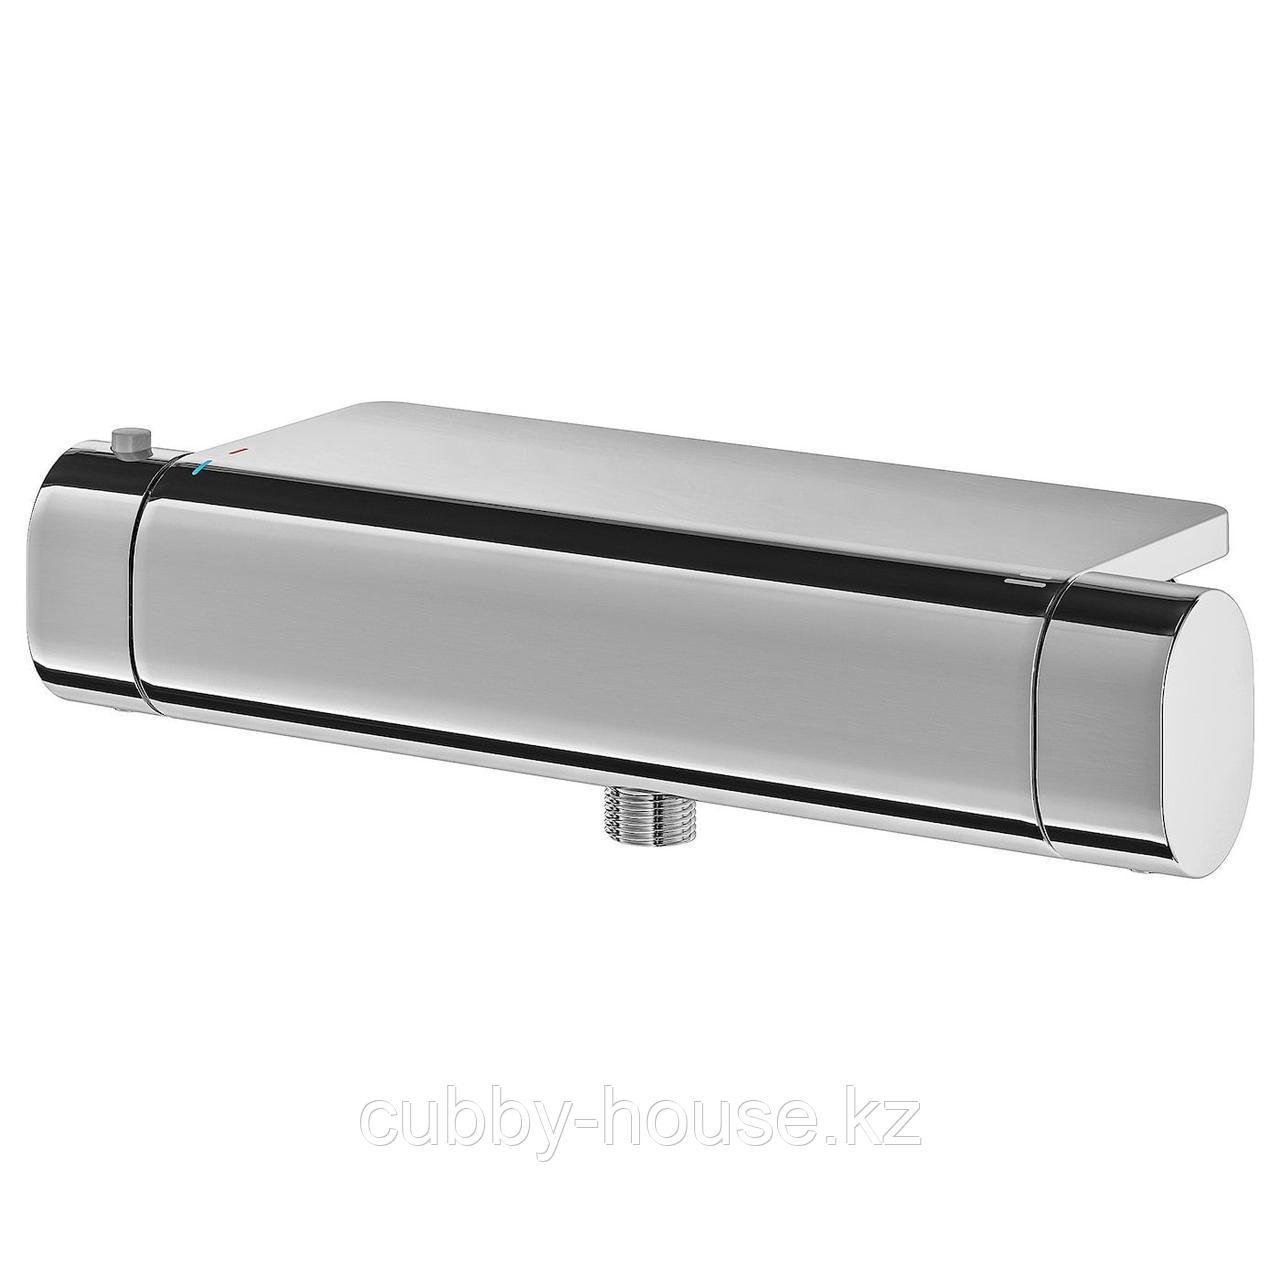 БРОГРУНД Термостатический смеситель д/душа, хромированный, 150 мм